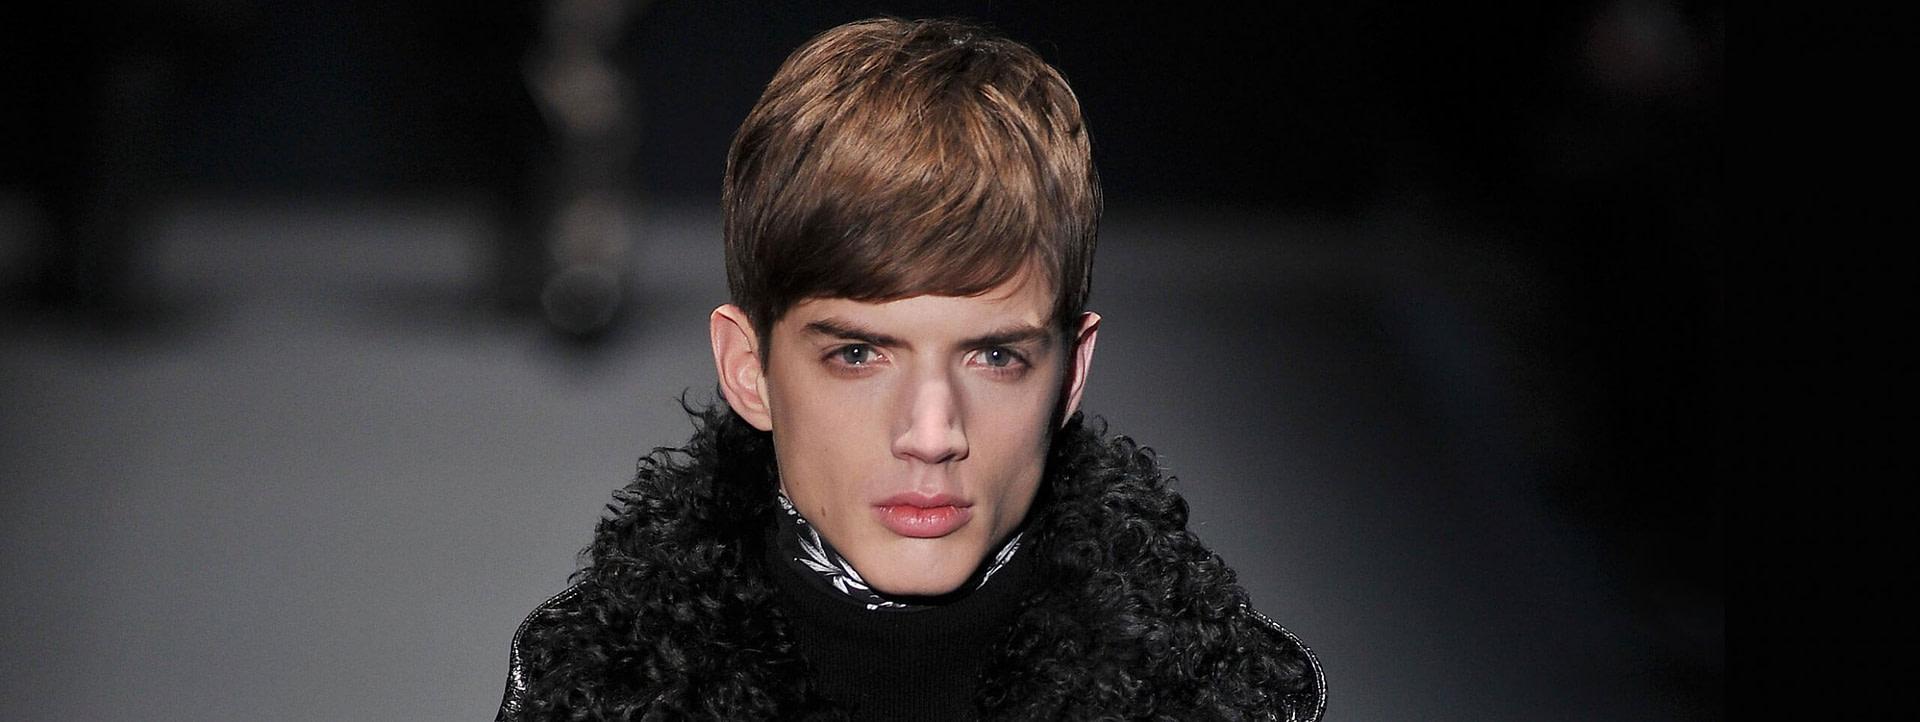 Schönheit Männerfrisuren mit Pony: Die coolsten Stylings - männer frisuren vorne lang hinten kurz